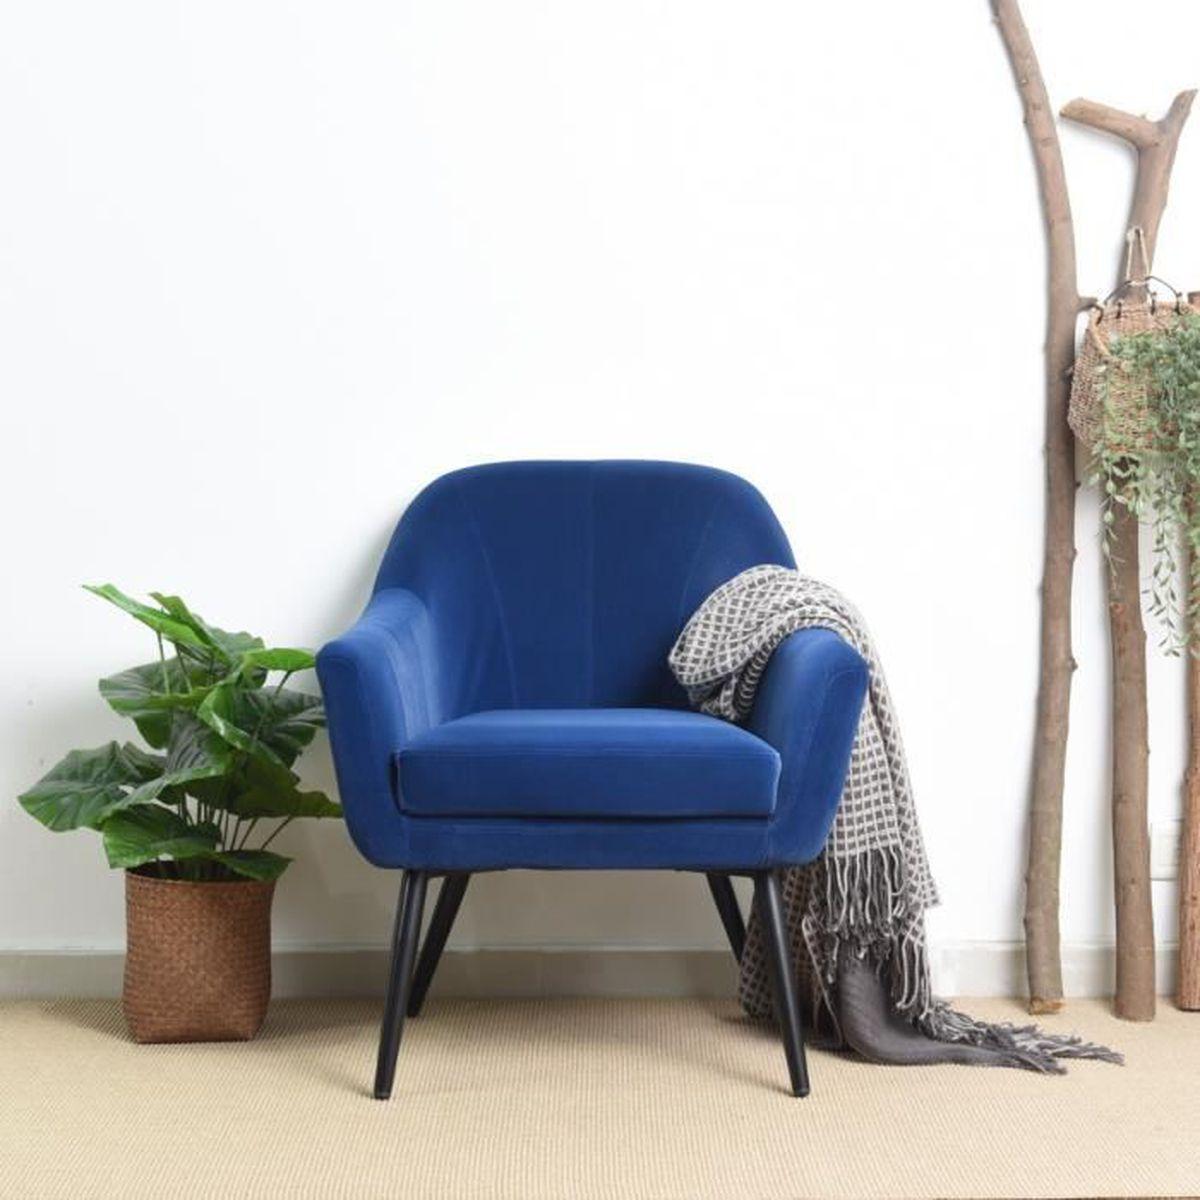 FAUTEUIL Canapé Chaise Fauteuil Chaise de loisirs Bleu Velo